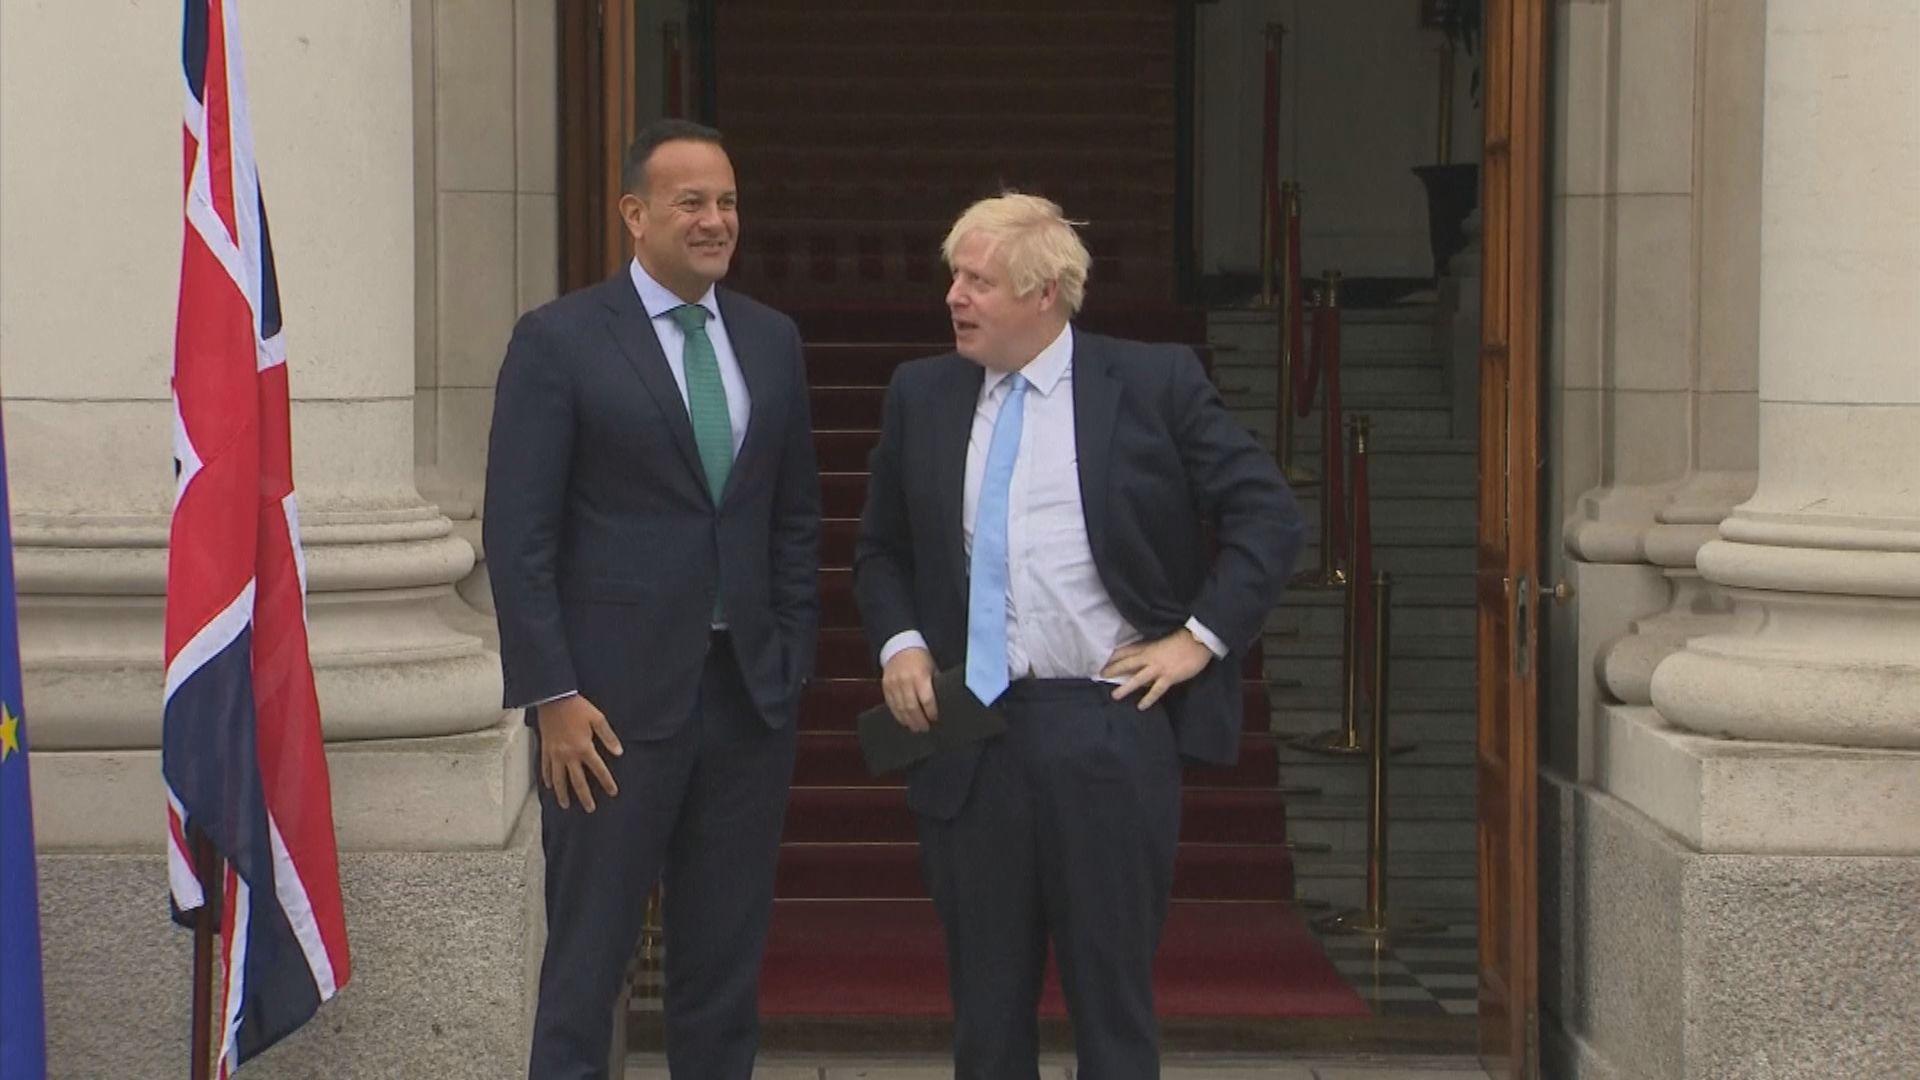 據報英國與歐盟脫歐談判仍未有突破